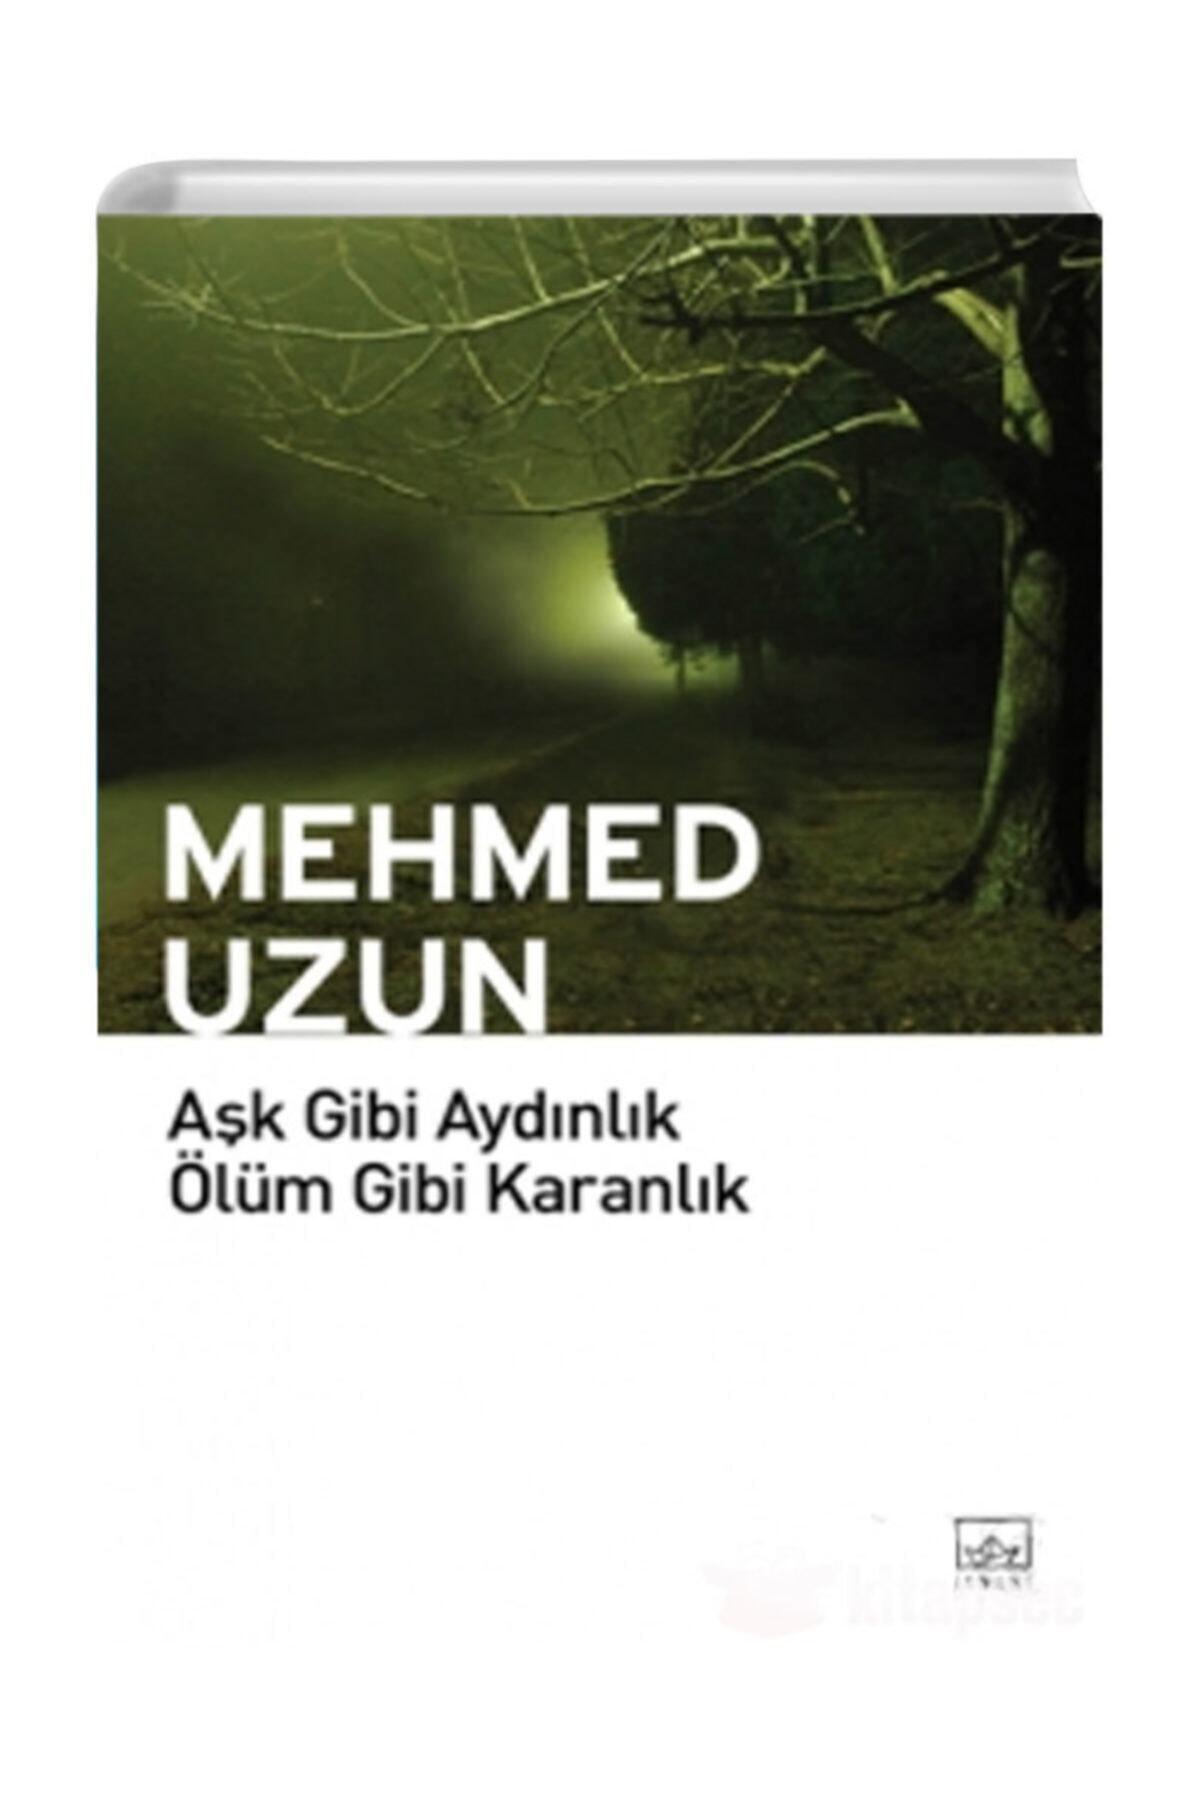 İthaki Yayınları Aşk Gibi Aydınlık Ölüm Gibi Karanlık Mehmed Uzun 1